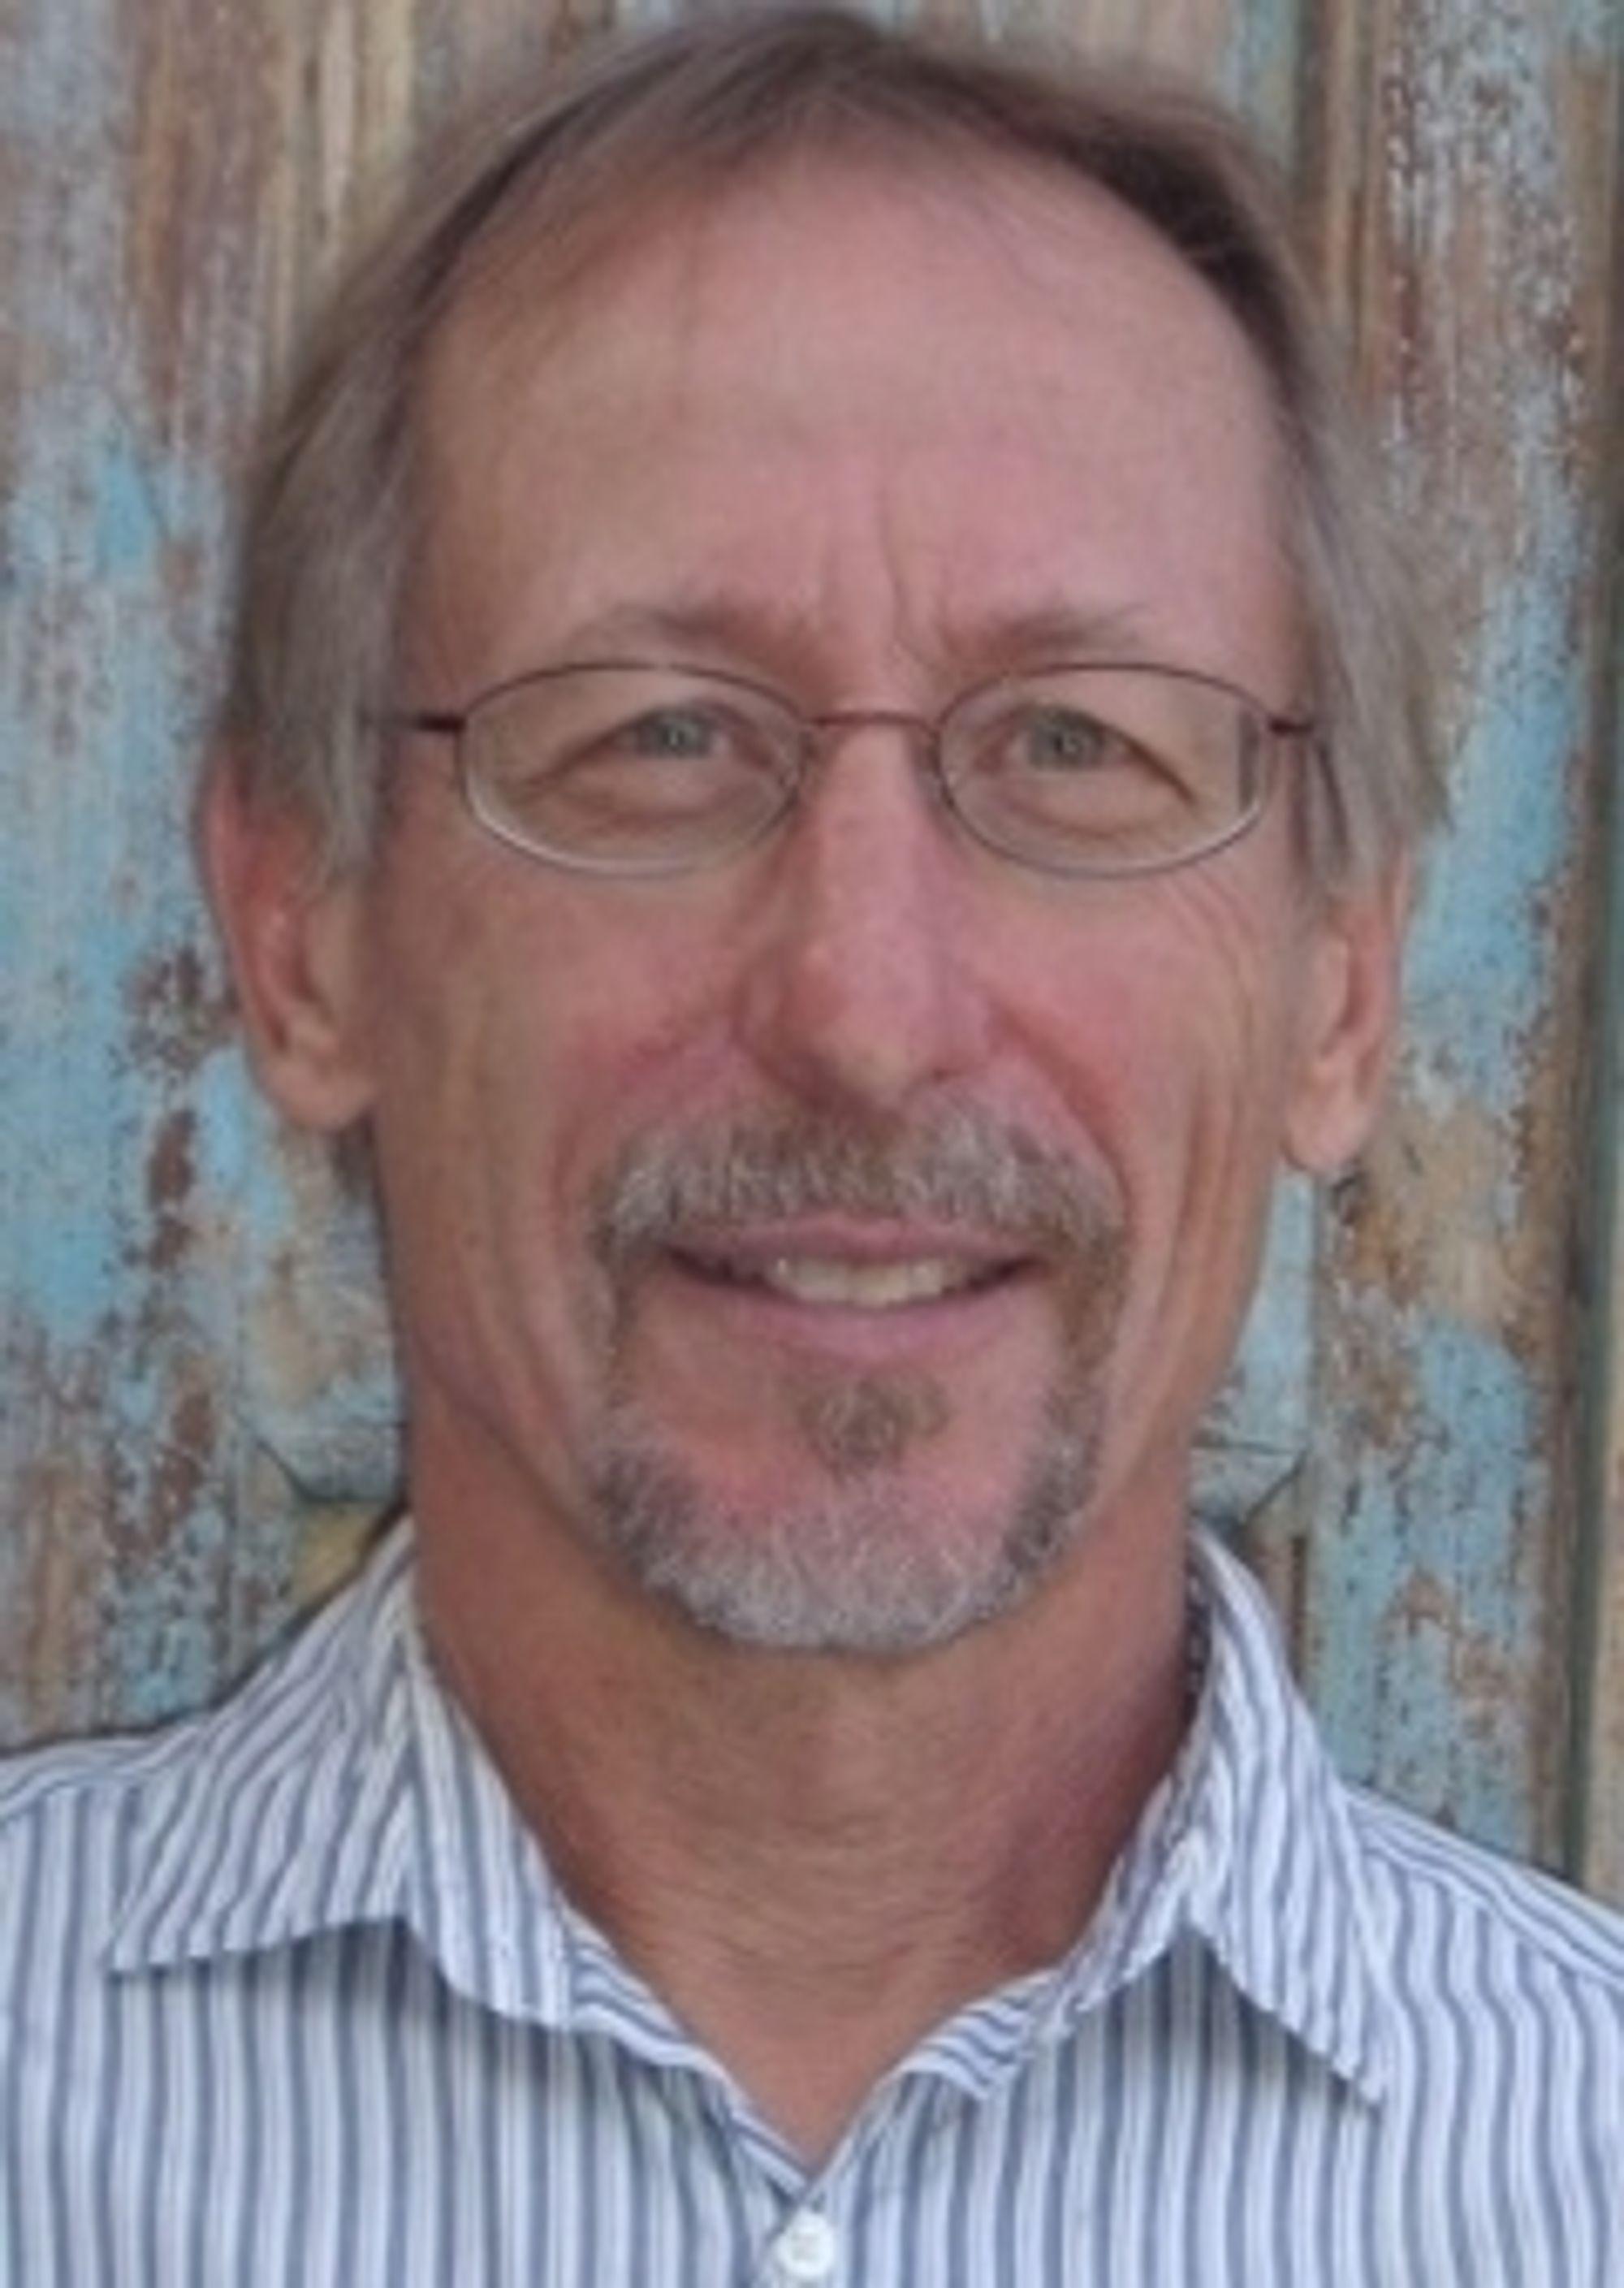 David Stone har en doktorgrad i miljøvitenskap fra Universitetet i Arizona. Han forsker på bærekraftig byggematerialer, og er oppfinneren av Ferrock.